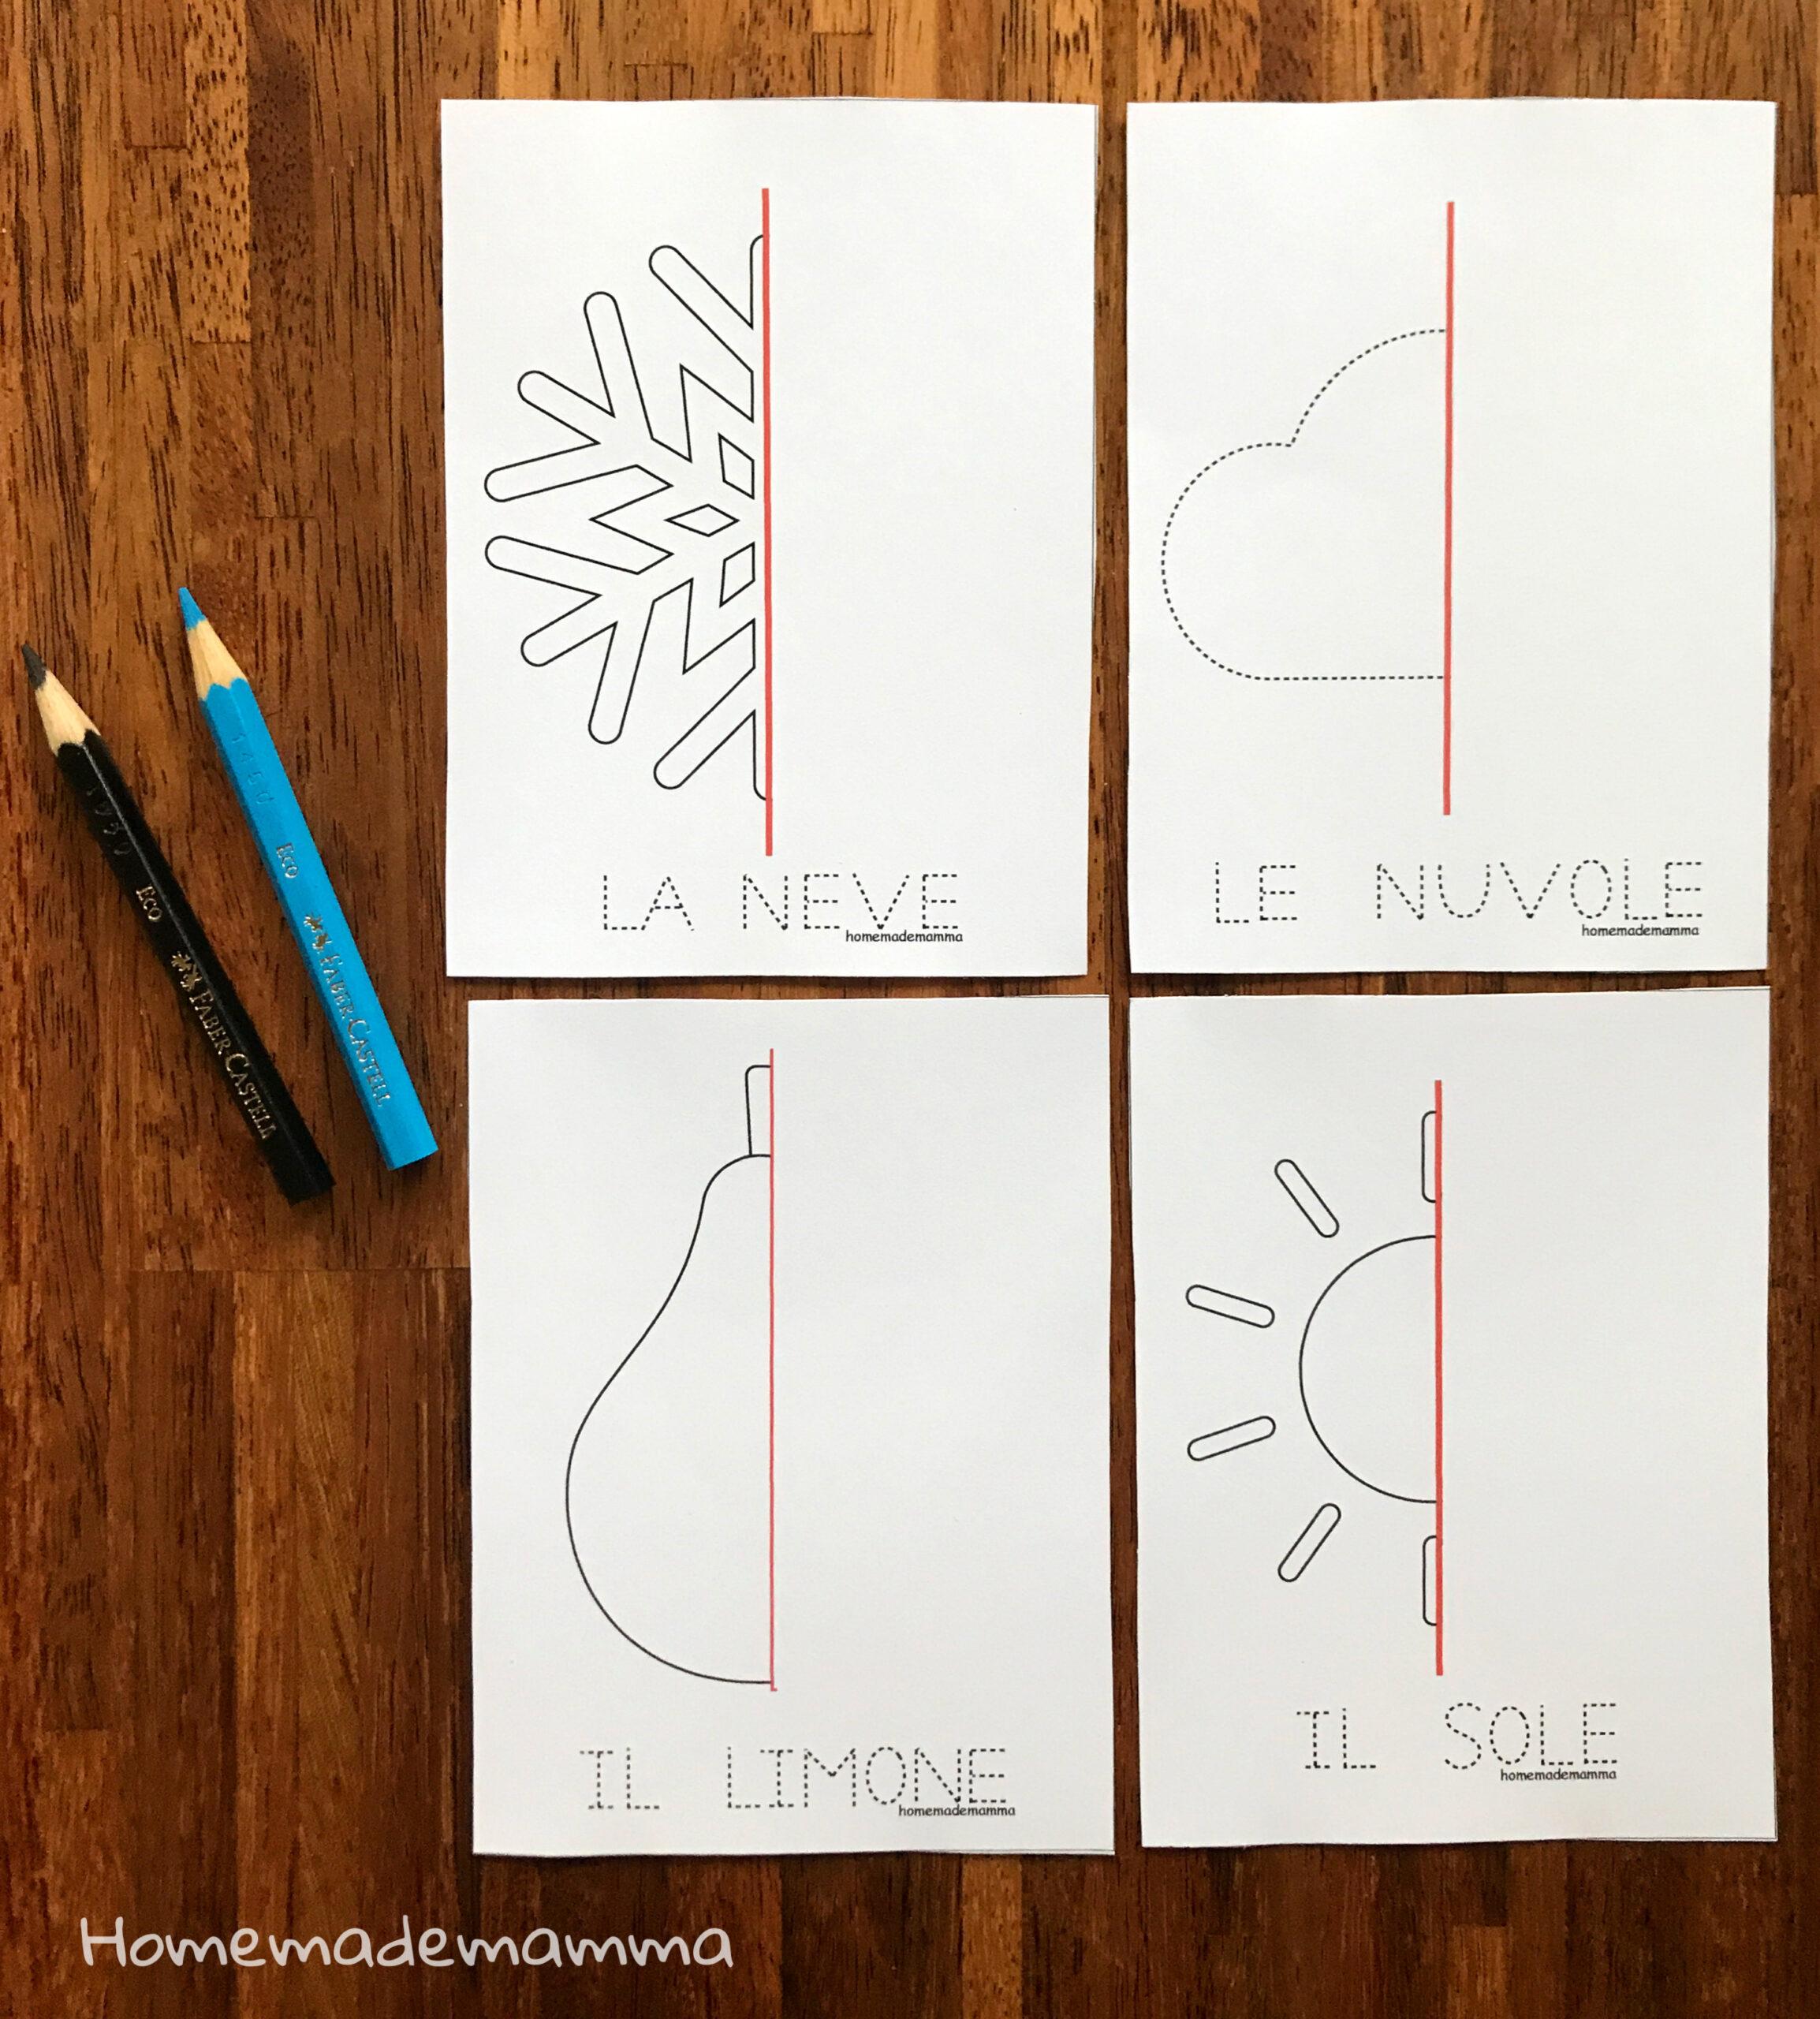 schede simmetria inverno da stampare